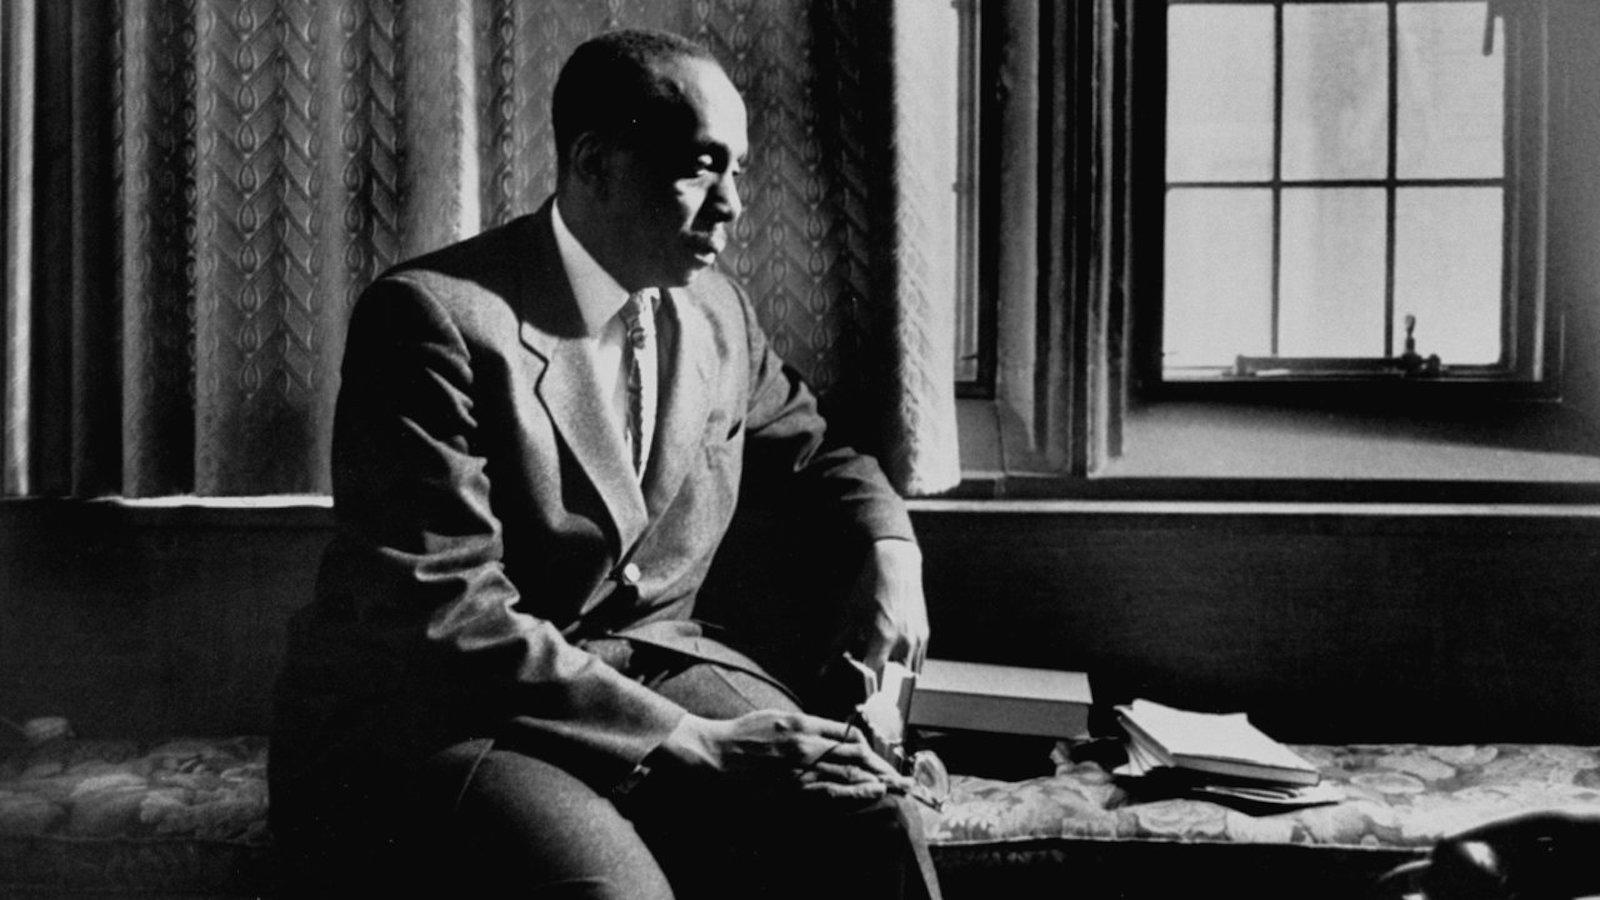 Martin Luther King, MLK, African American Activist, African American History, Black History, KOLUMN Magazine, KOLUMN